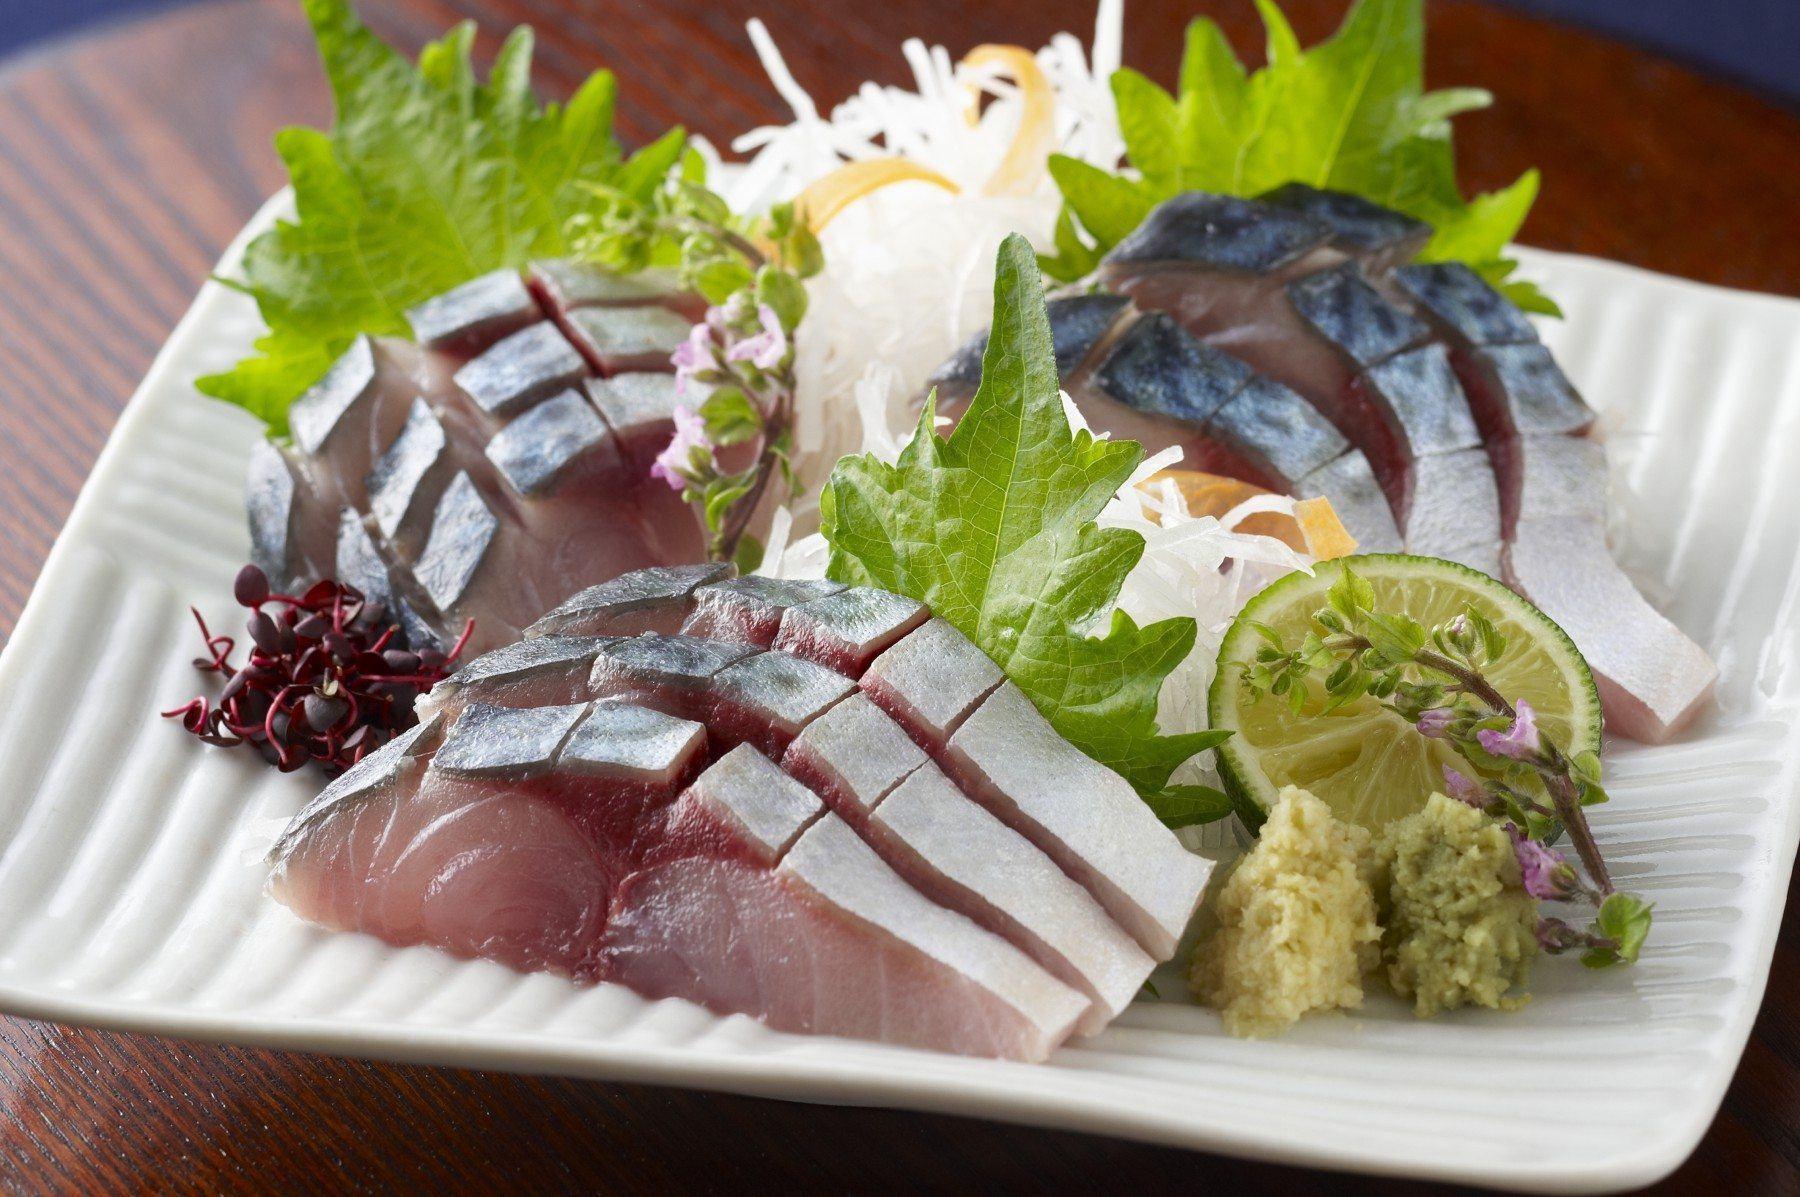 鯖の刺身(2011)の画像